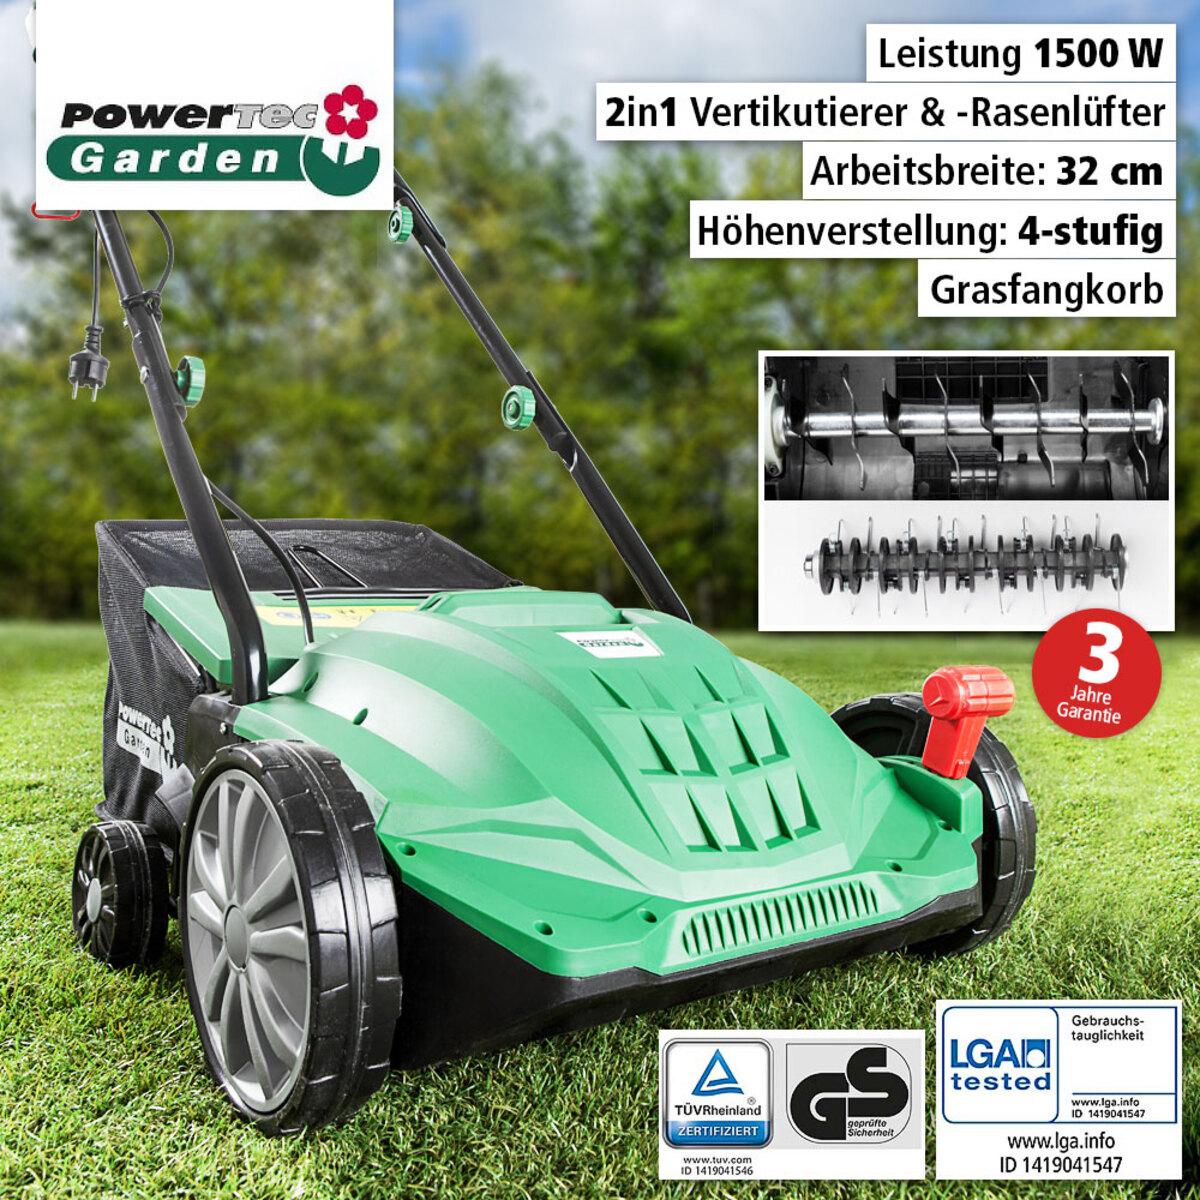 Bild 1 von Powertec Garden Elektro- Vertikutierer und -Rasenlüfter 2in1 WR6001-1500